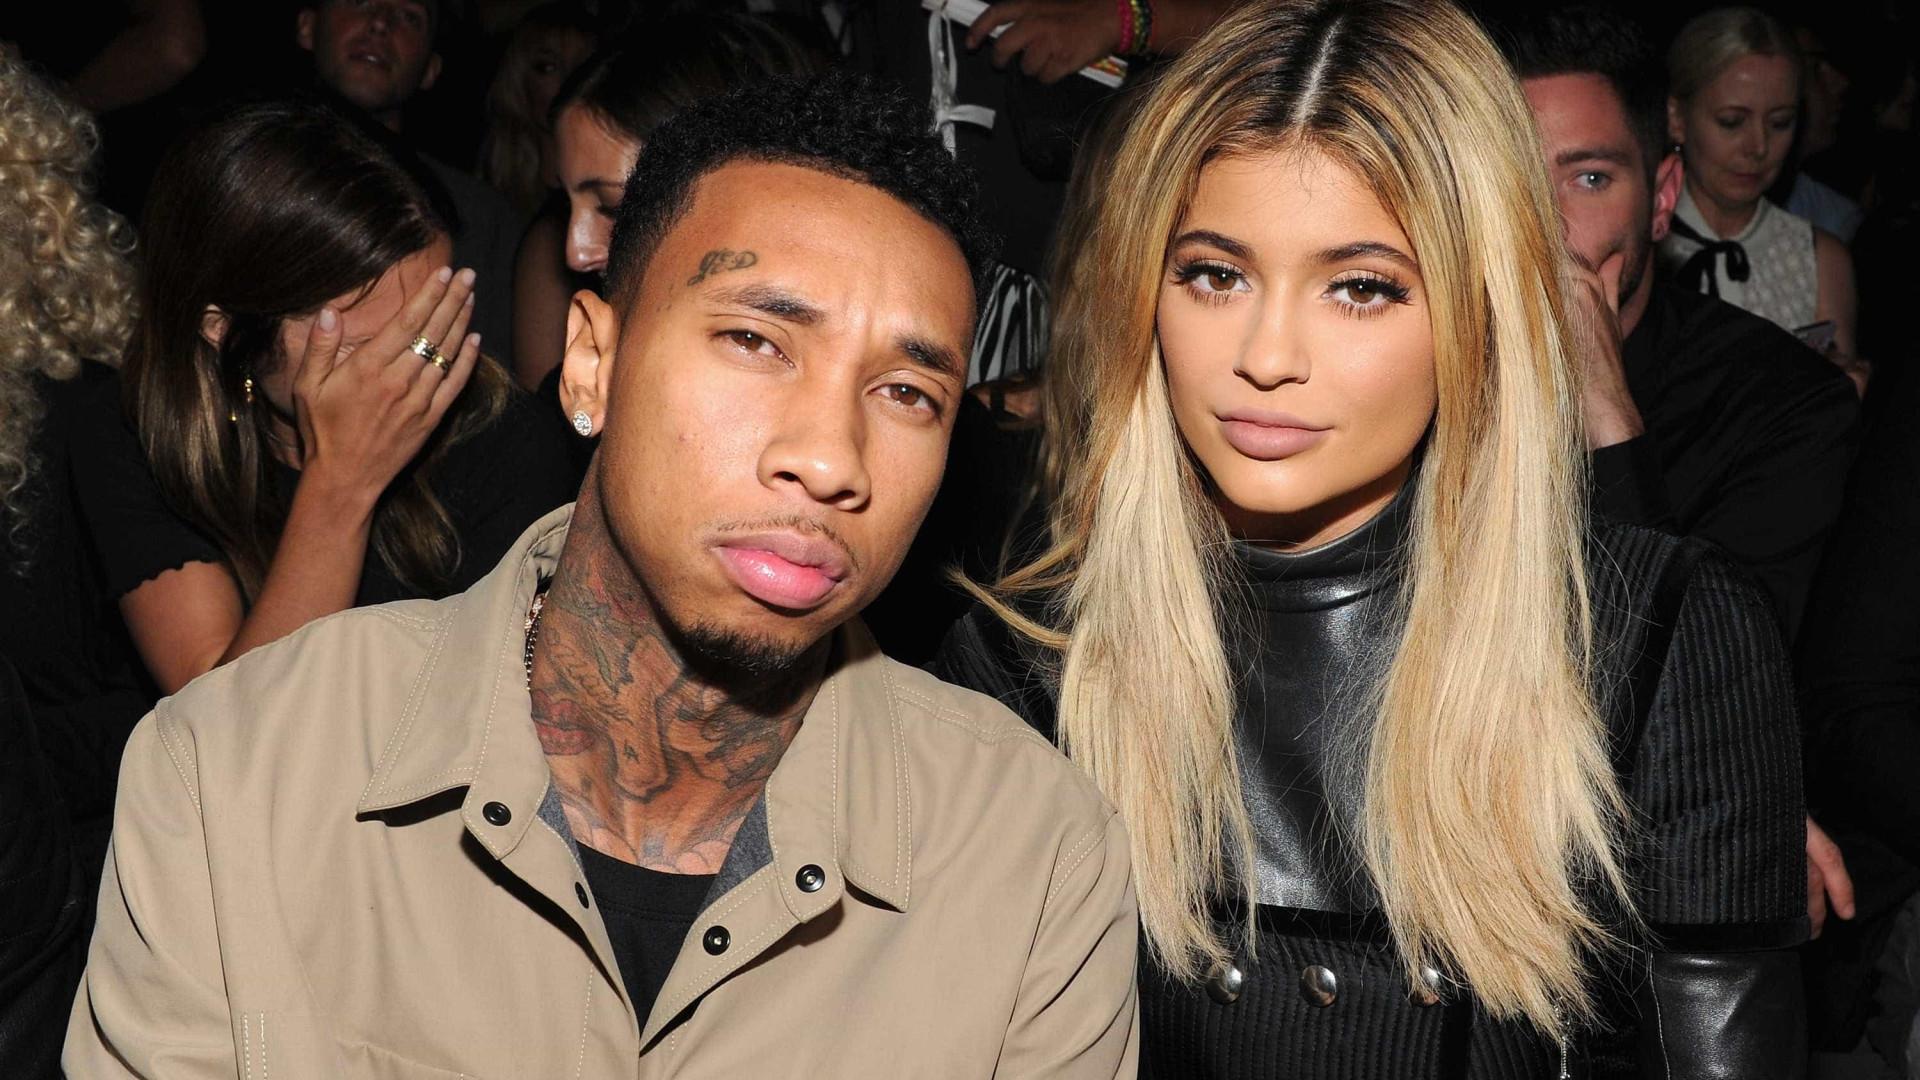 Grávida, Kylie Jenner está disposta a trocar o pai do filho pelo 'ex'